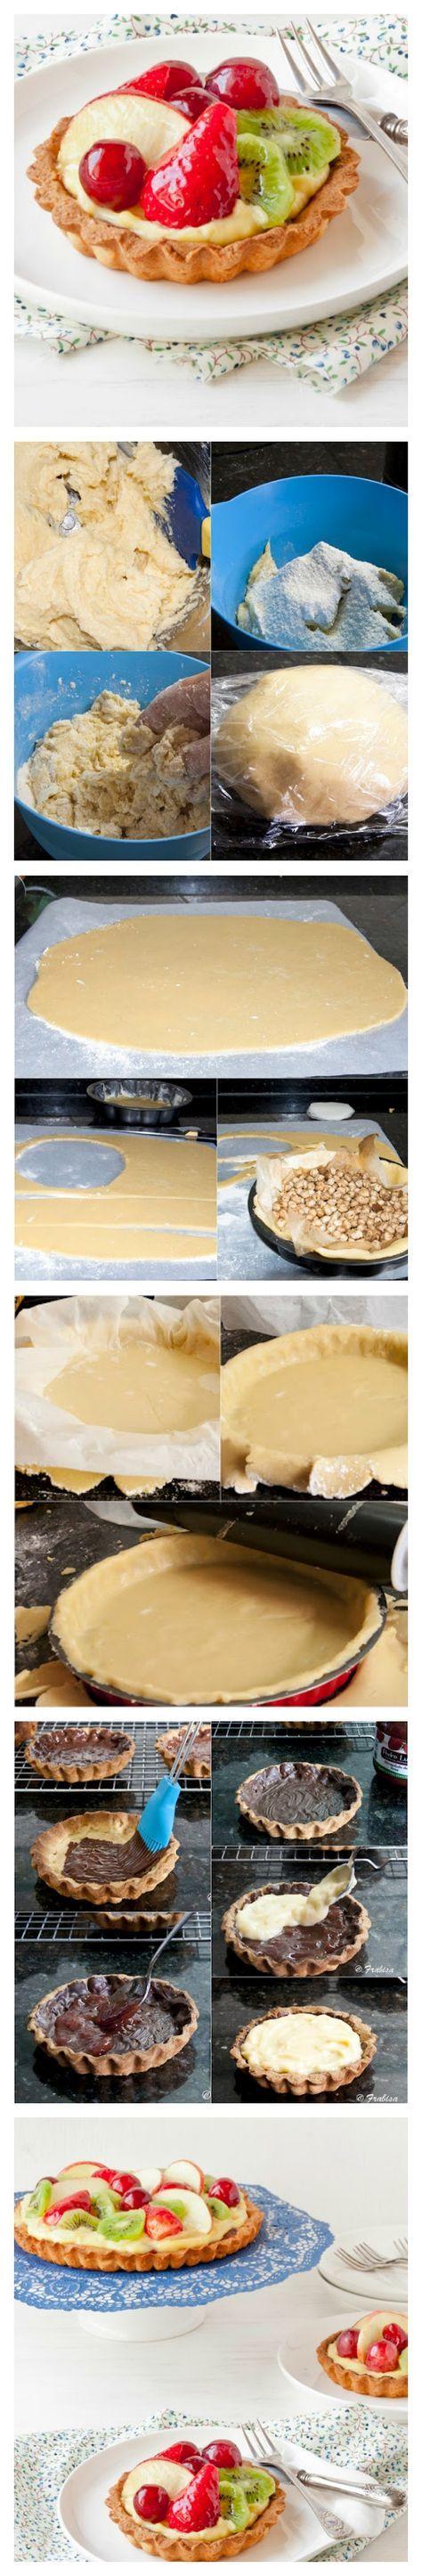 Tartaletas de chocolate, crema pastelera y frutas